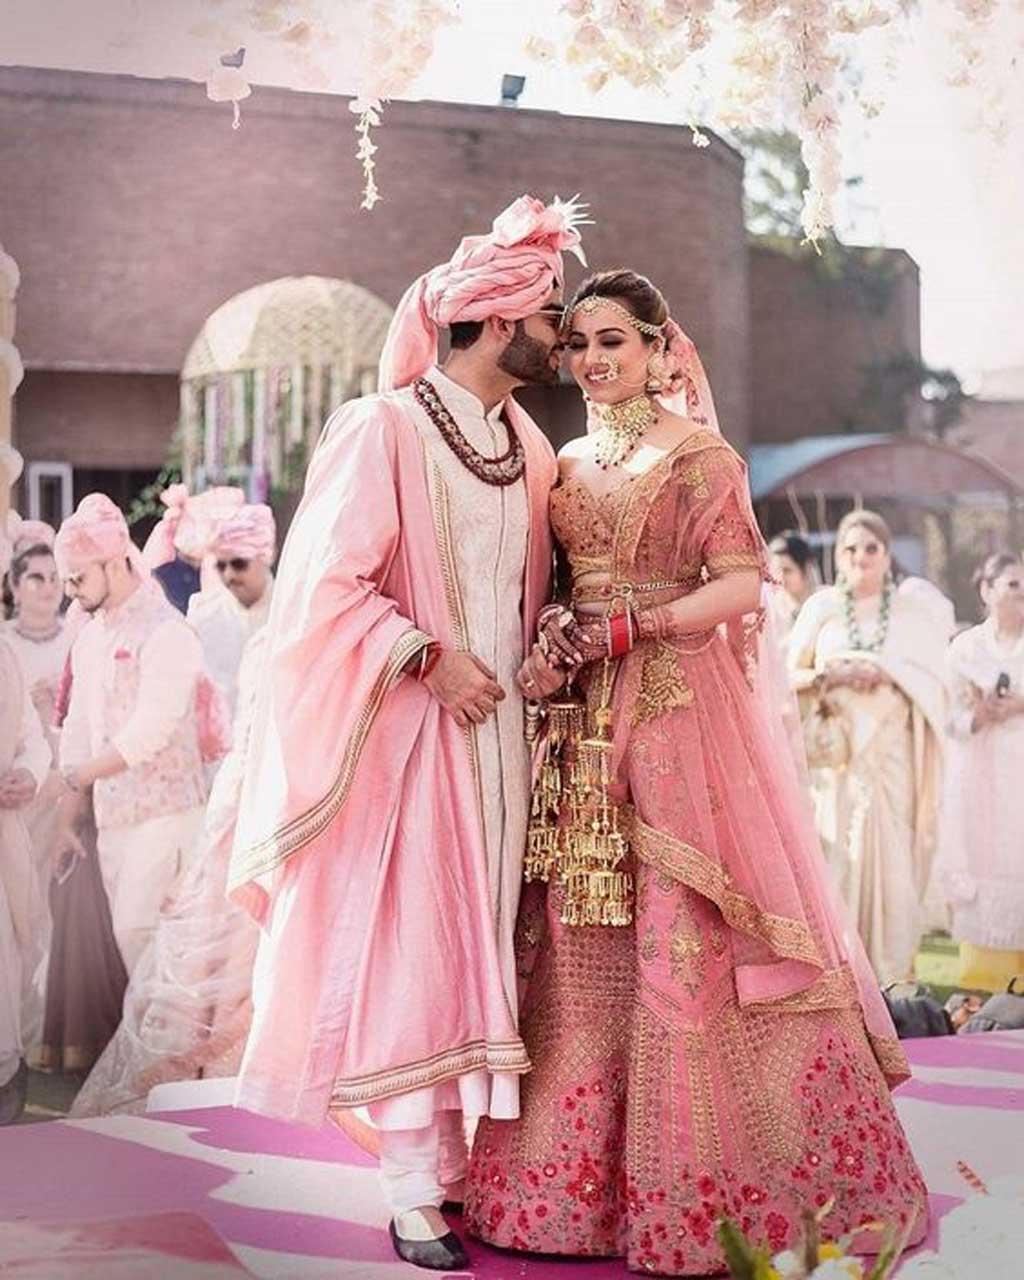 sự tinh tế tạo nên vẻ đẹp từ trang phục cưới truyền thống Ấn Độ.